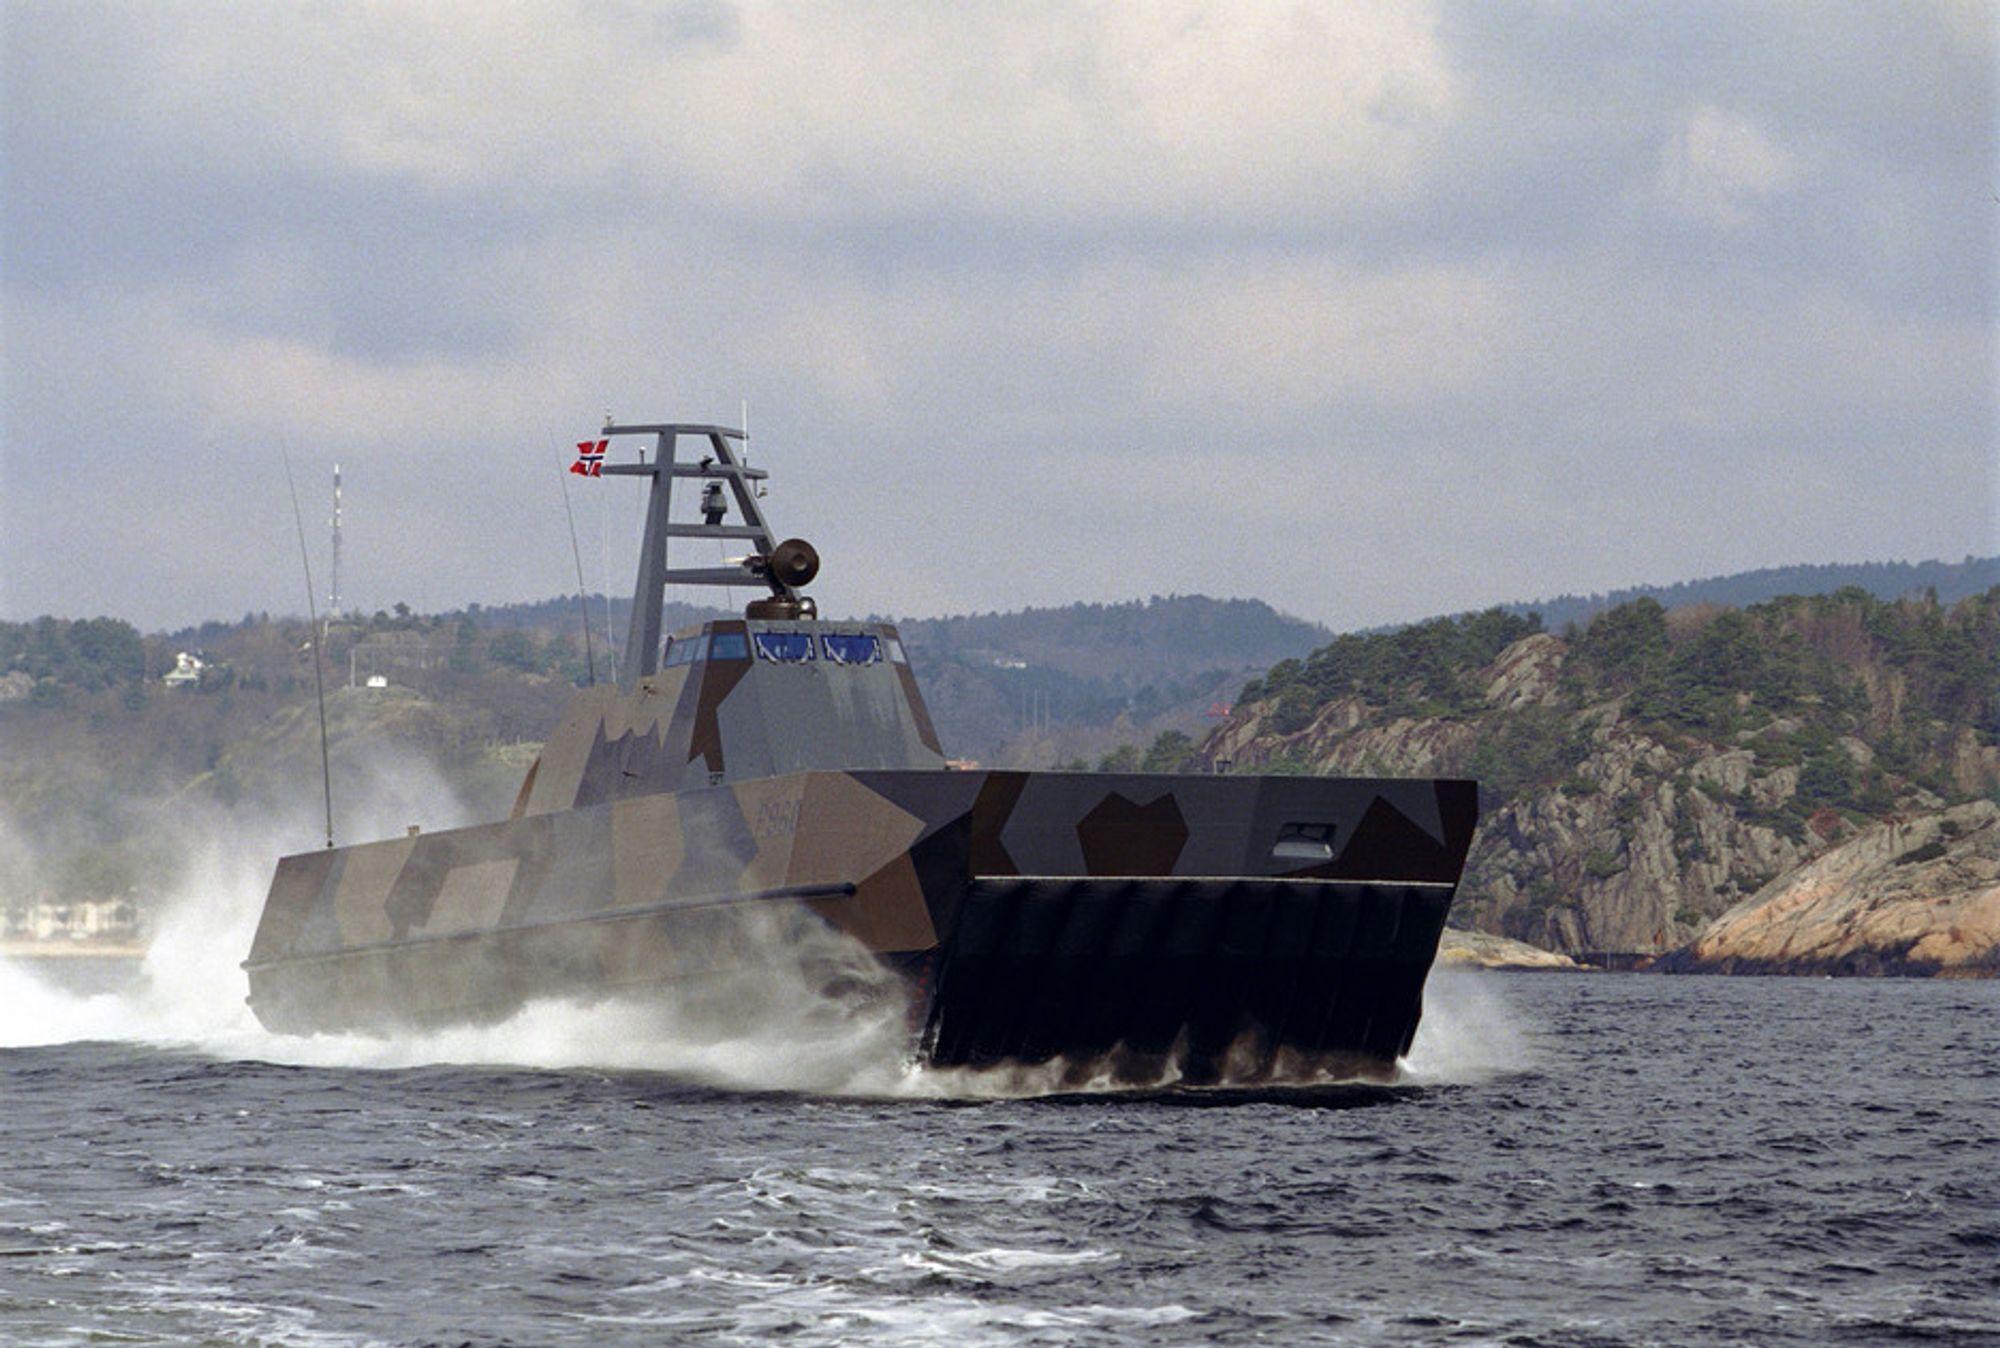 KNM Skjold er den første MTB-en i sin klasse. Forsvarssjefen vil sende alle MTB-ene rett på lager.